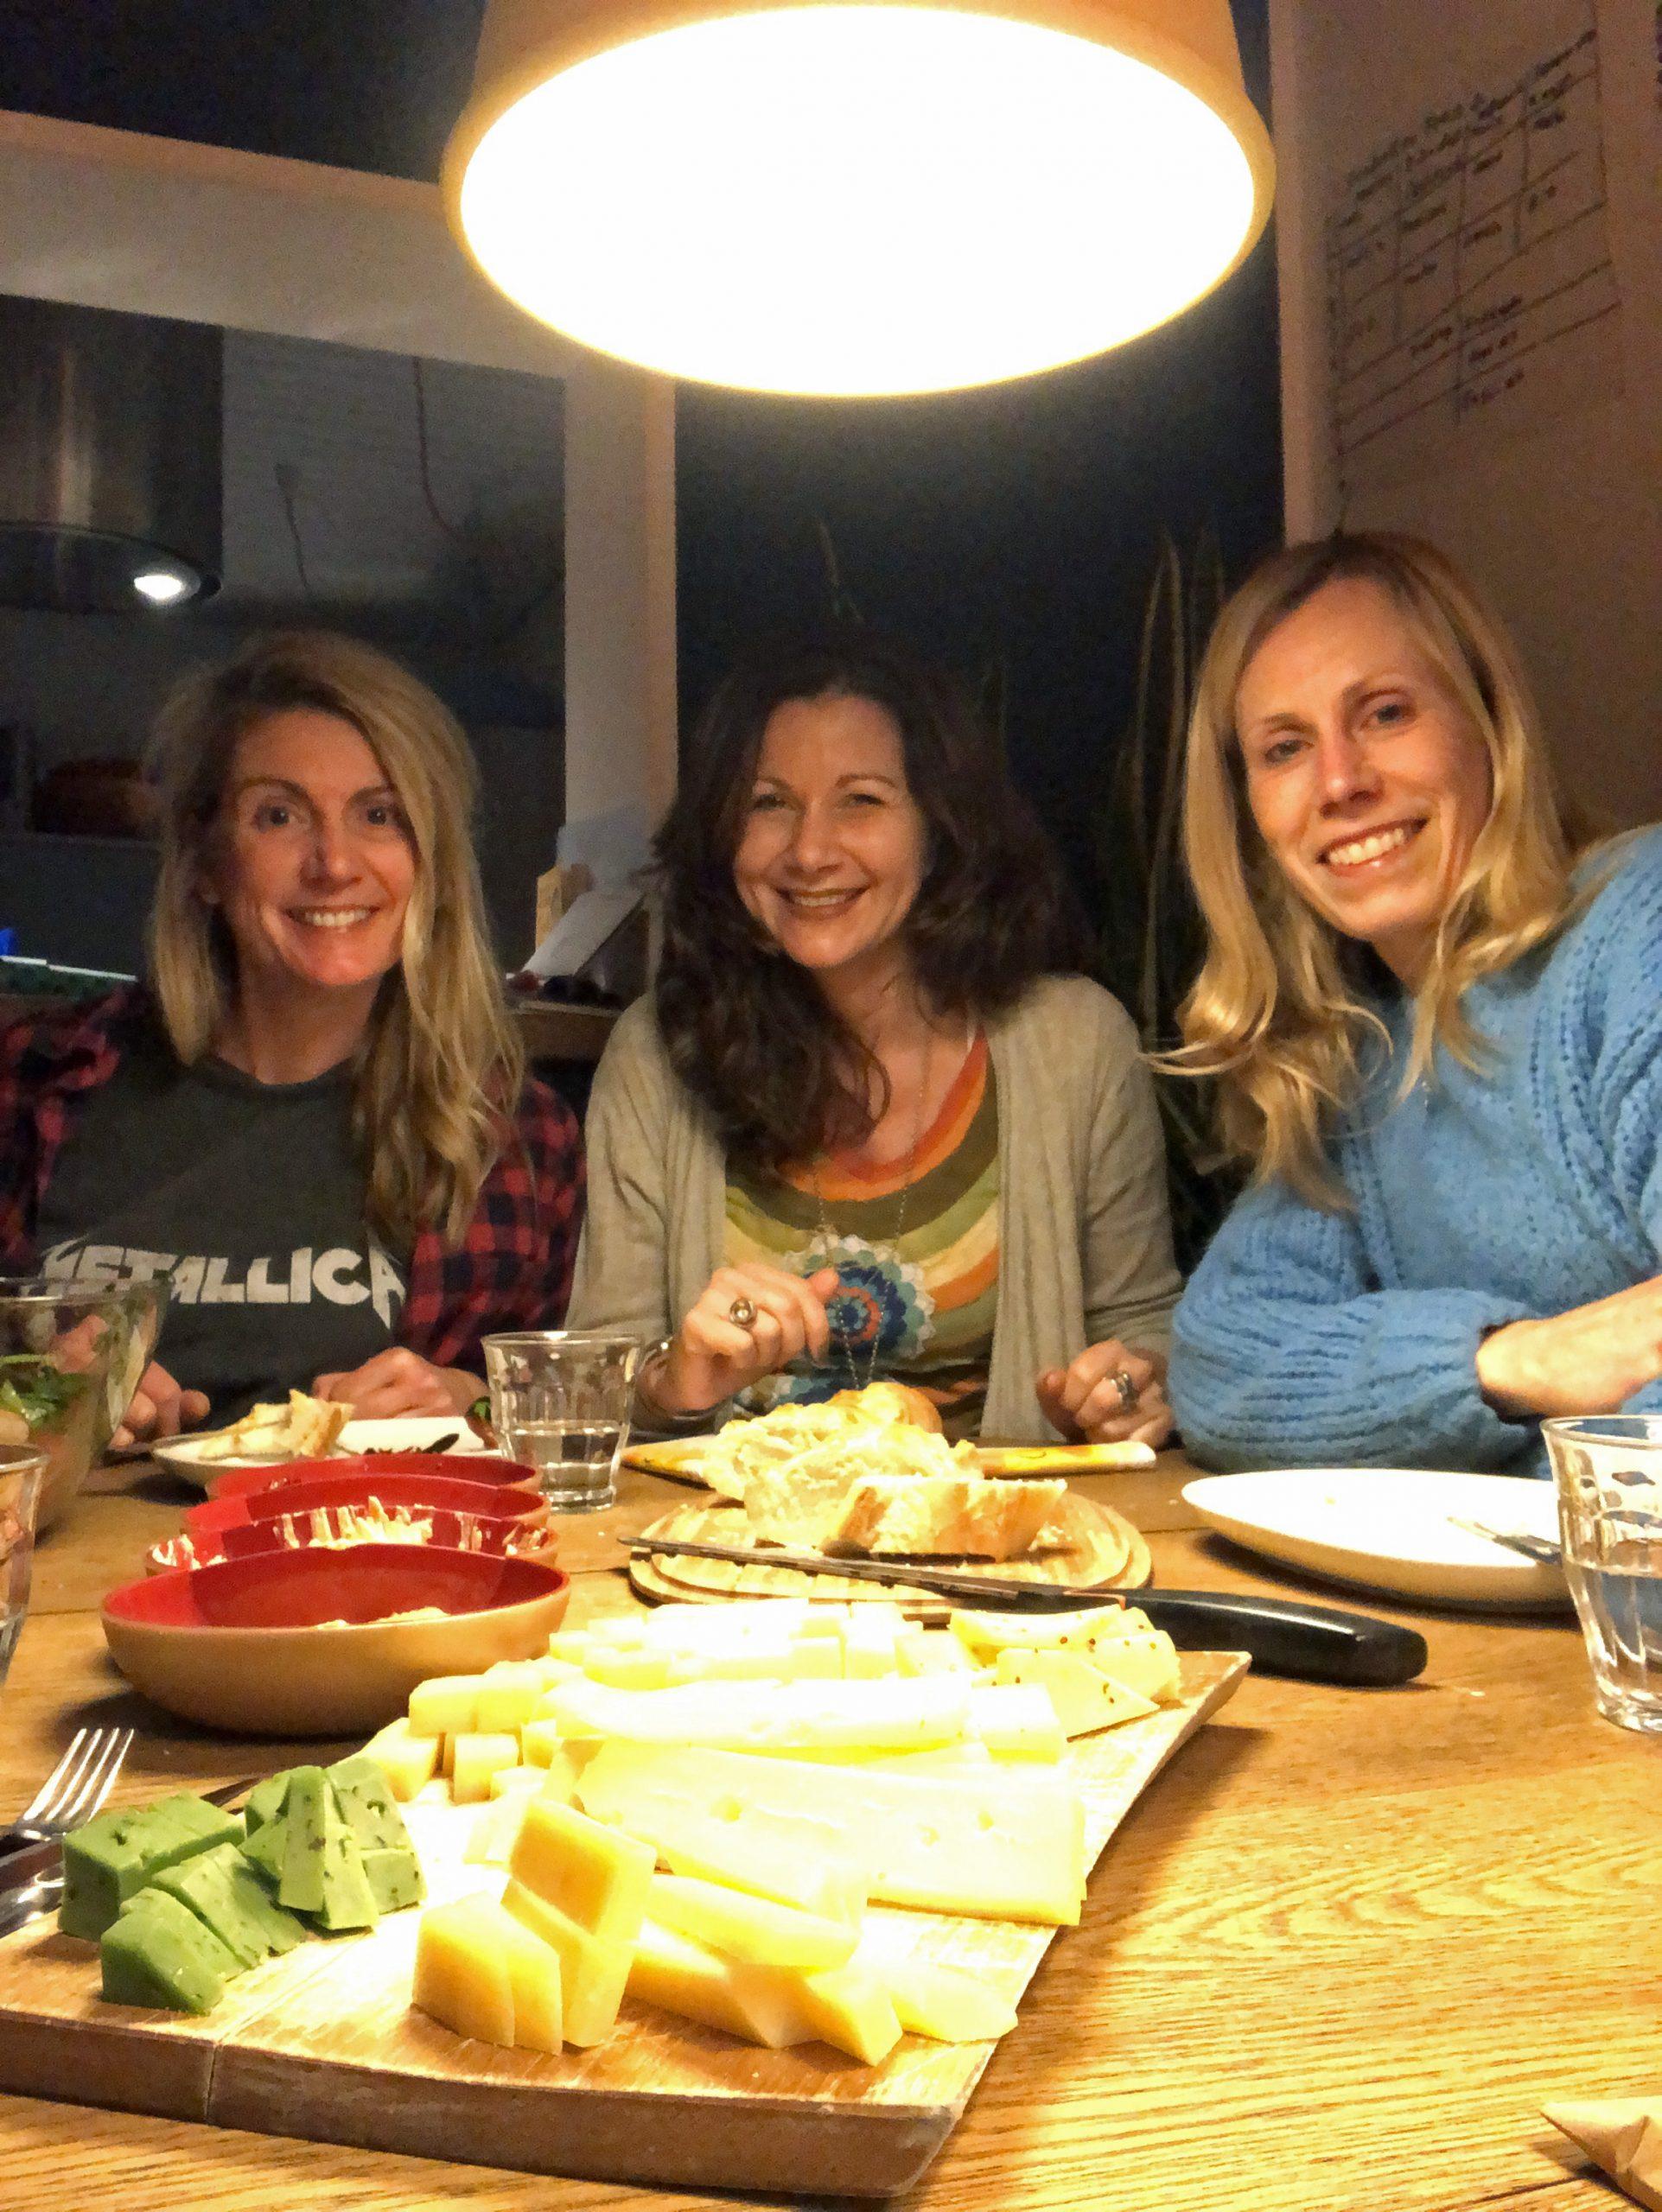 Drei Frauen voller Vorfreude auf Kumpelschokolade und Weingenuss